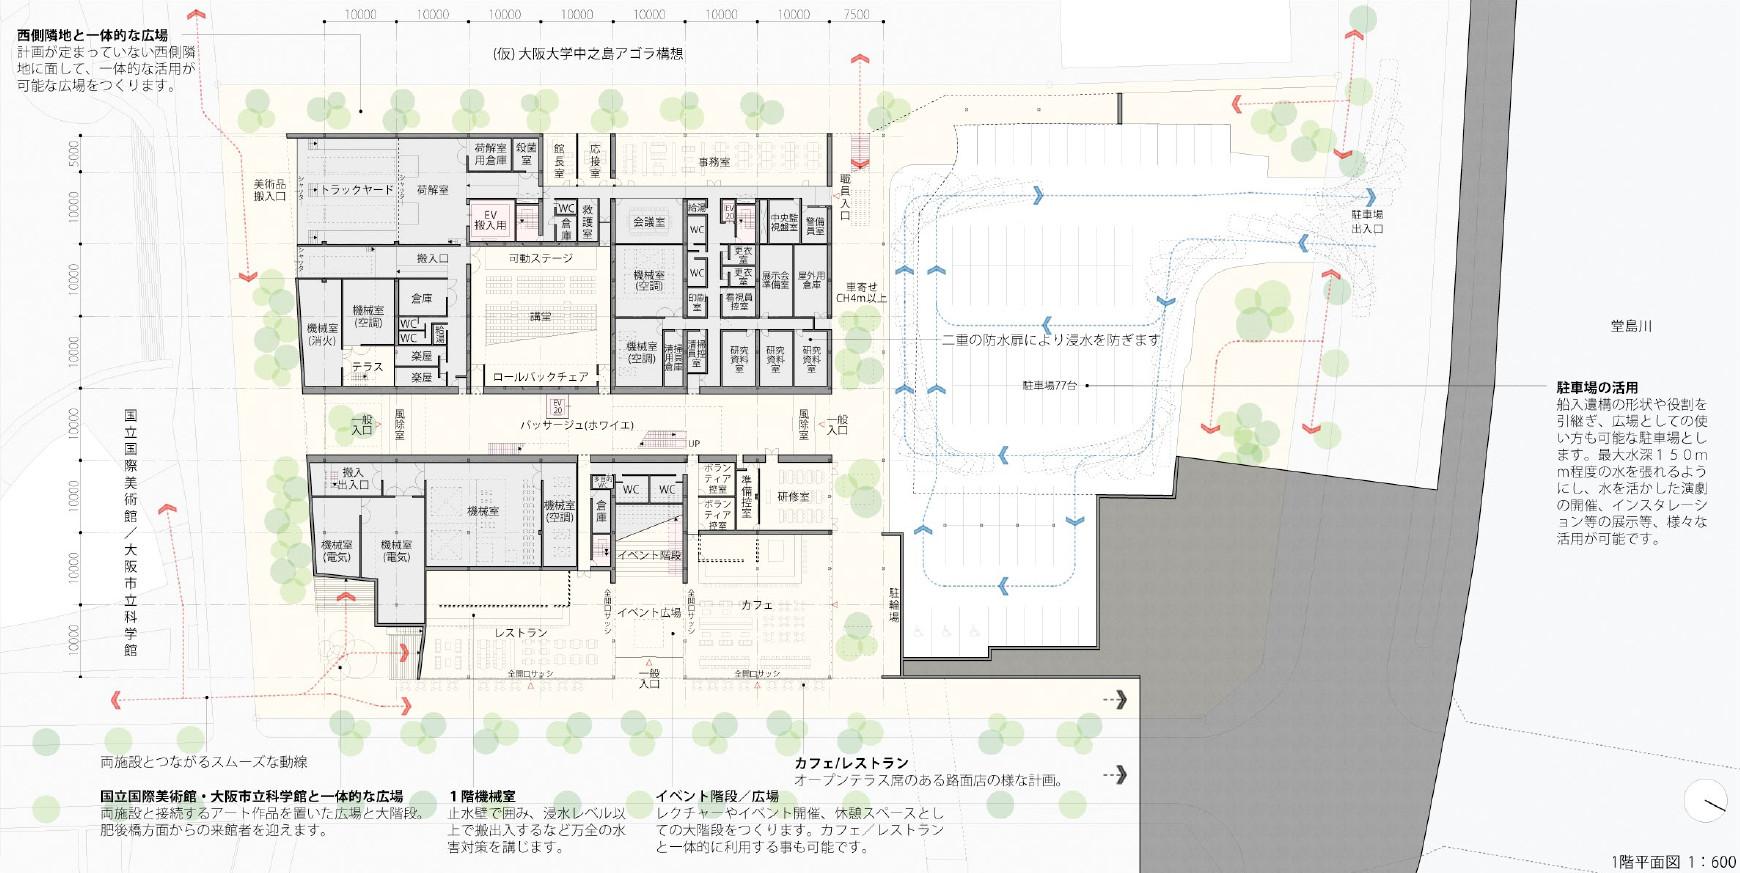 府政学習会 in 公文書館 ( 大阪府 ) - 大阪府庁職員ブログ - Yahoo!ブログ